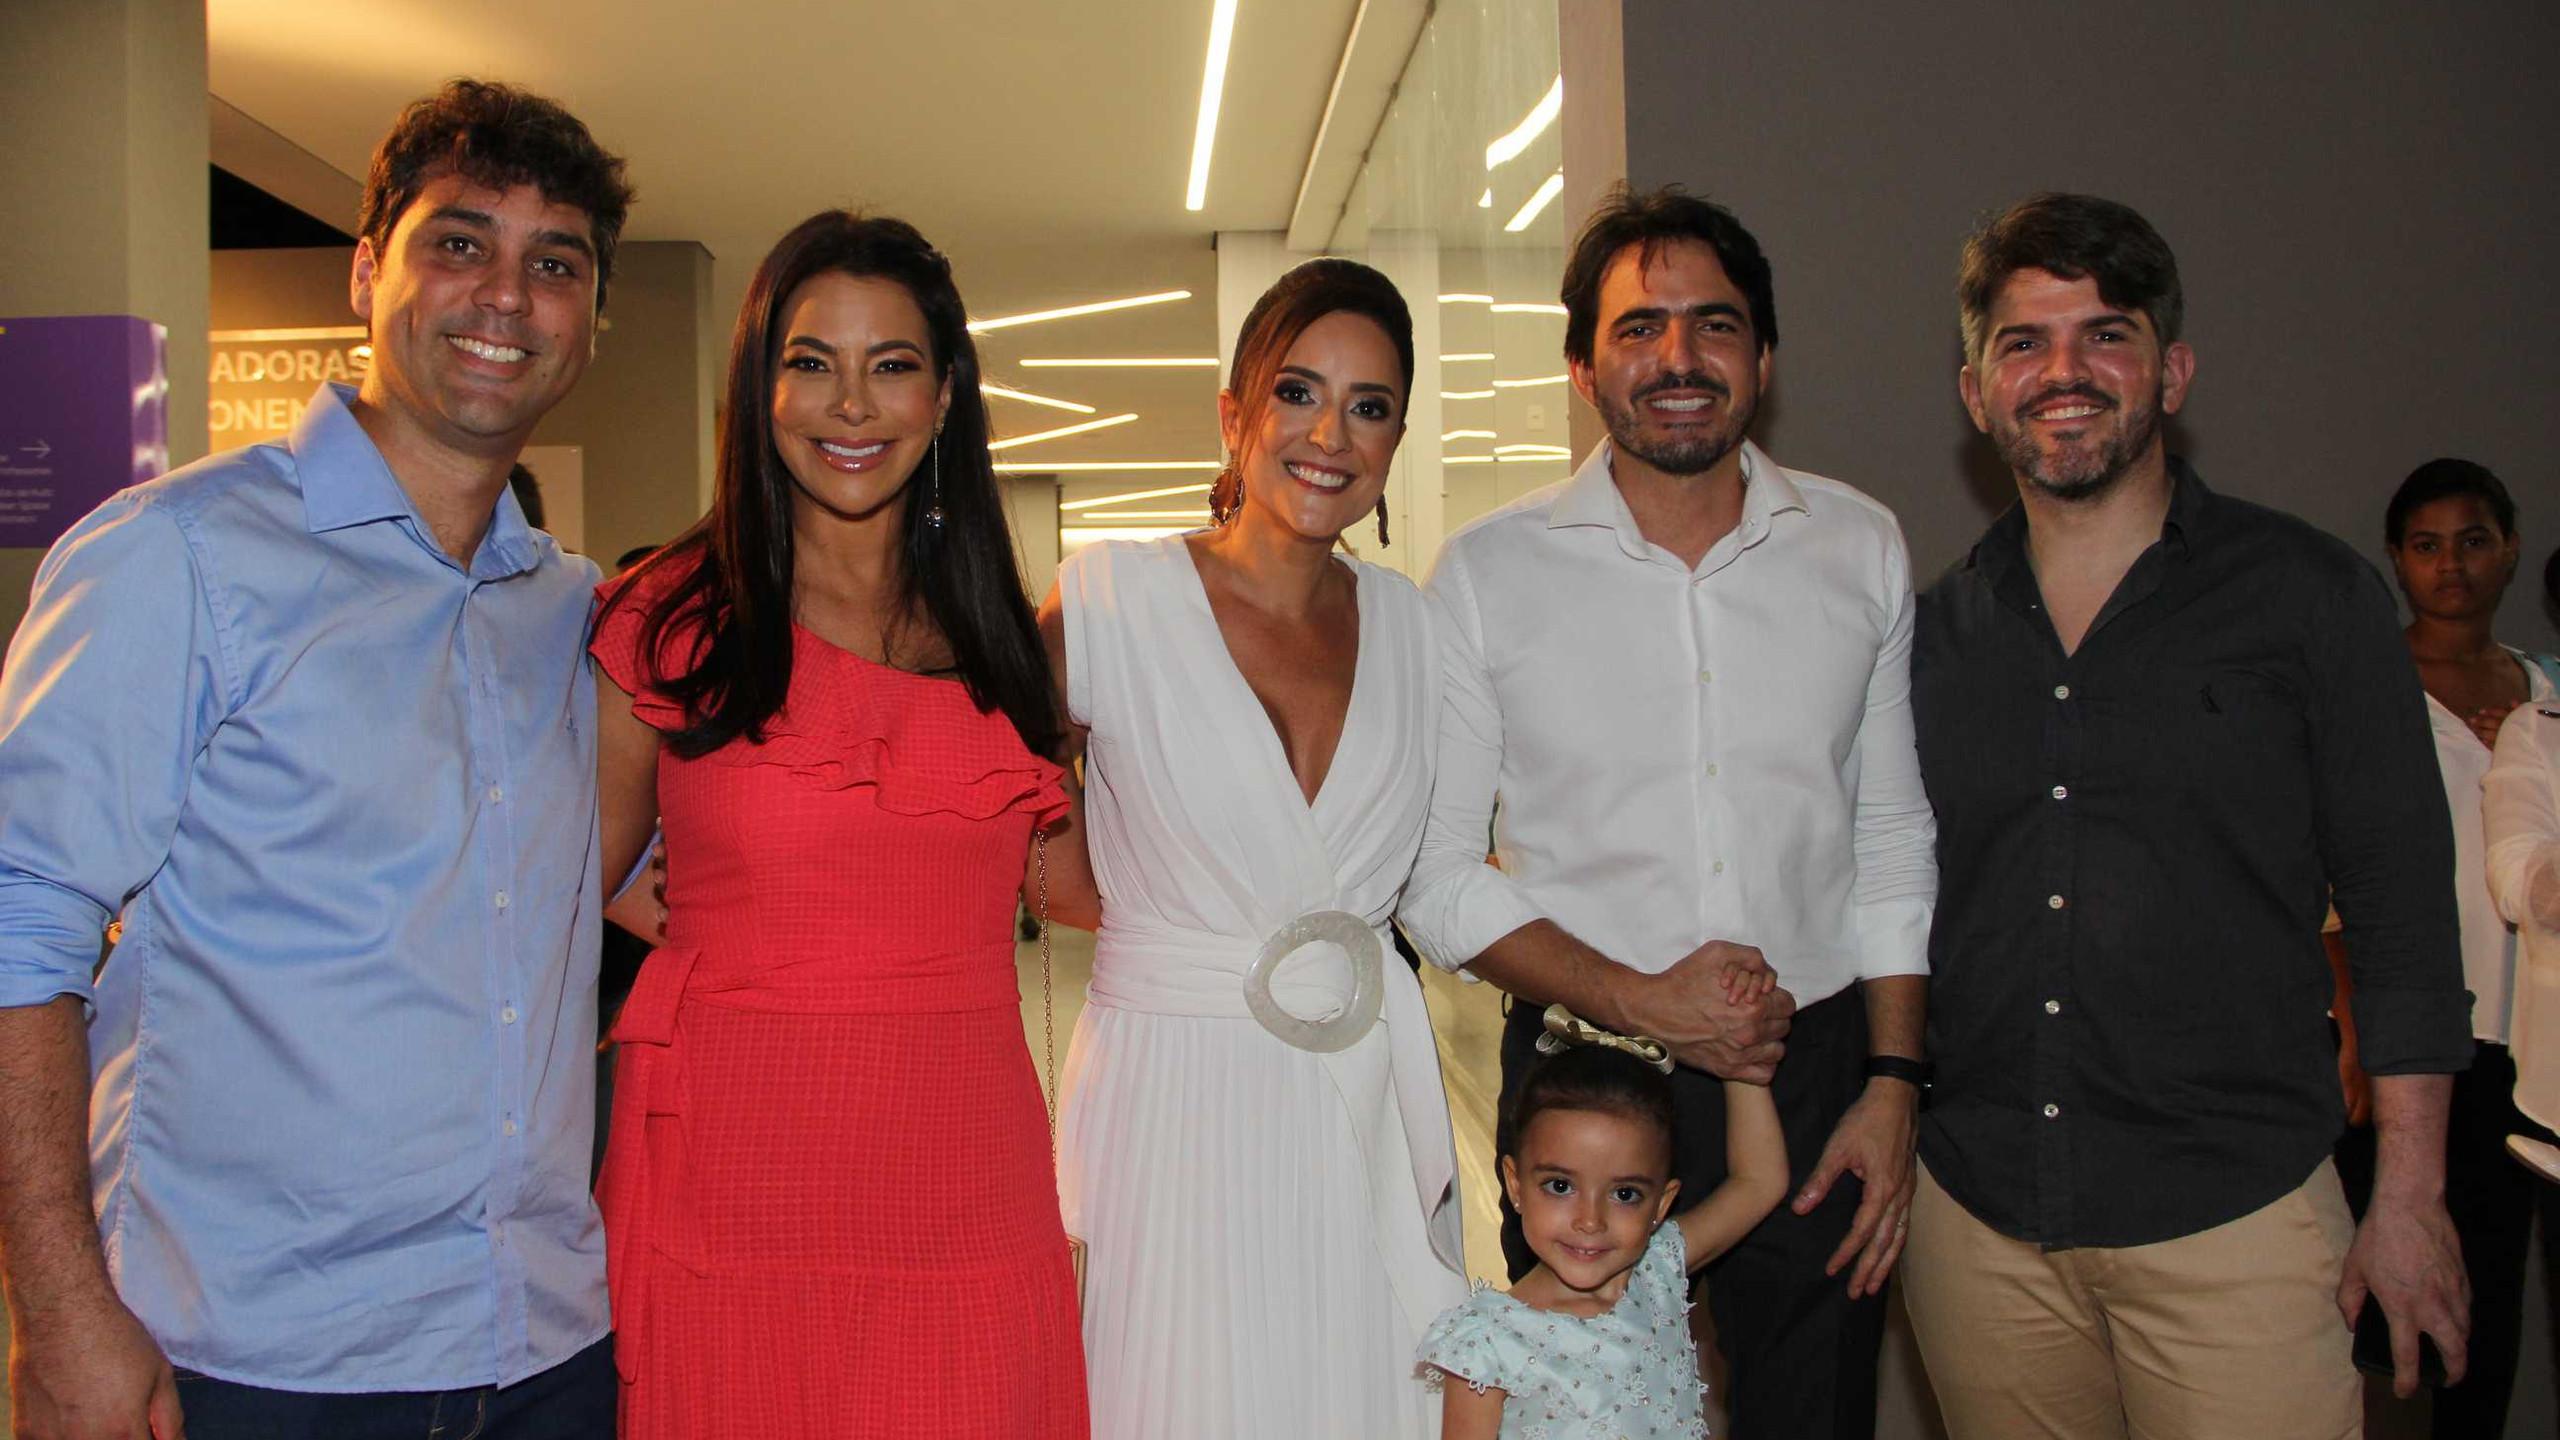 Luís Otávio Silveira e Fabrícia, Raíssa Murad e Rodrigo Lauande com a filha e Oton Lima.